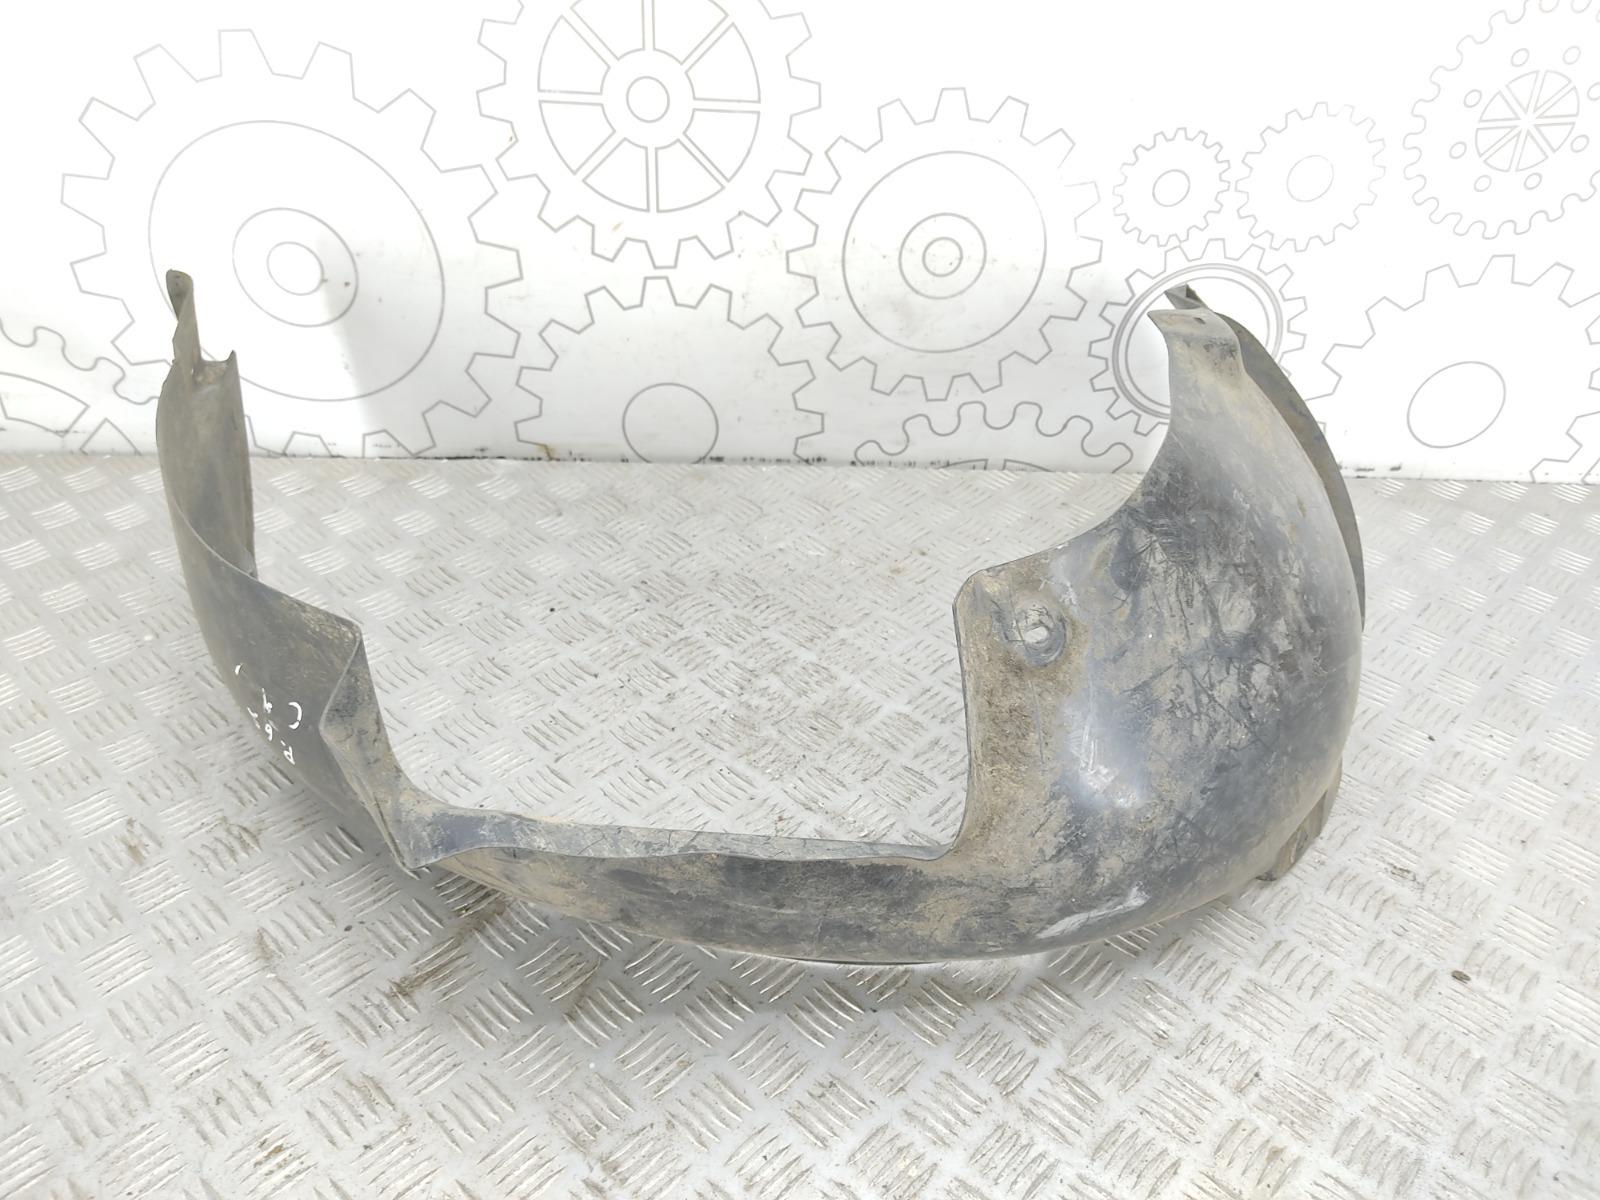 Защита арок передняя правая (подкрылок) Volkswagen Golf 4 1.6 I 2002 (б/у)